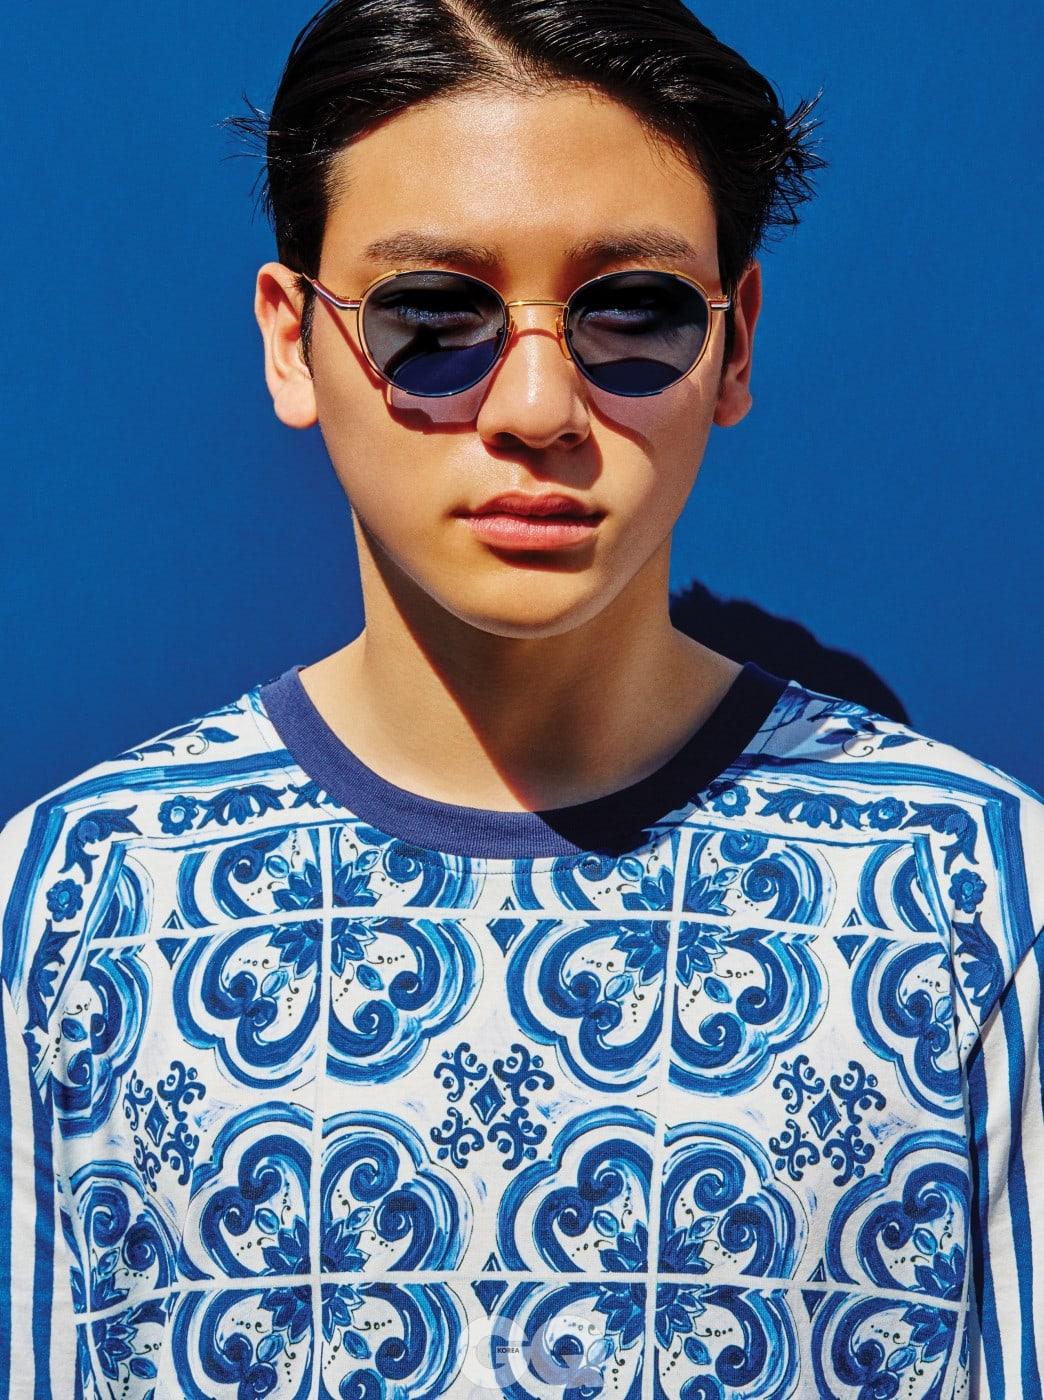 타일 무늬 티셔츠 57만원, 돌체&가바나. 선글라스 90만원대, 톰 브라운 by 나스 월드.